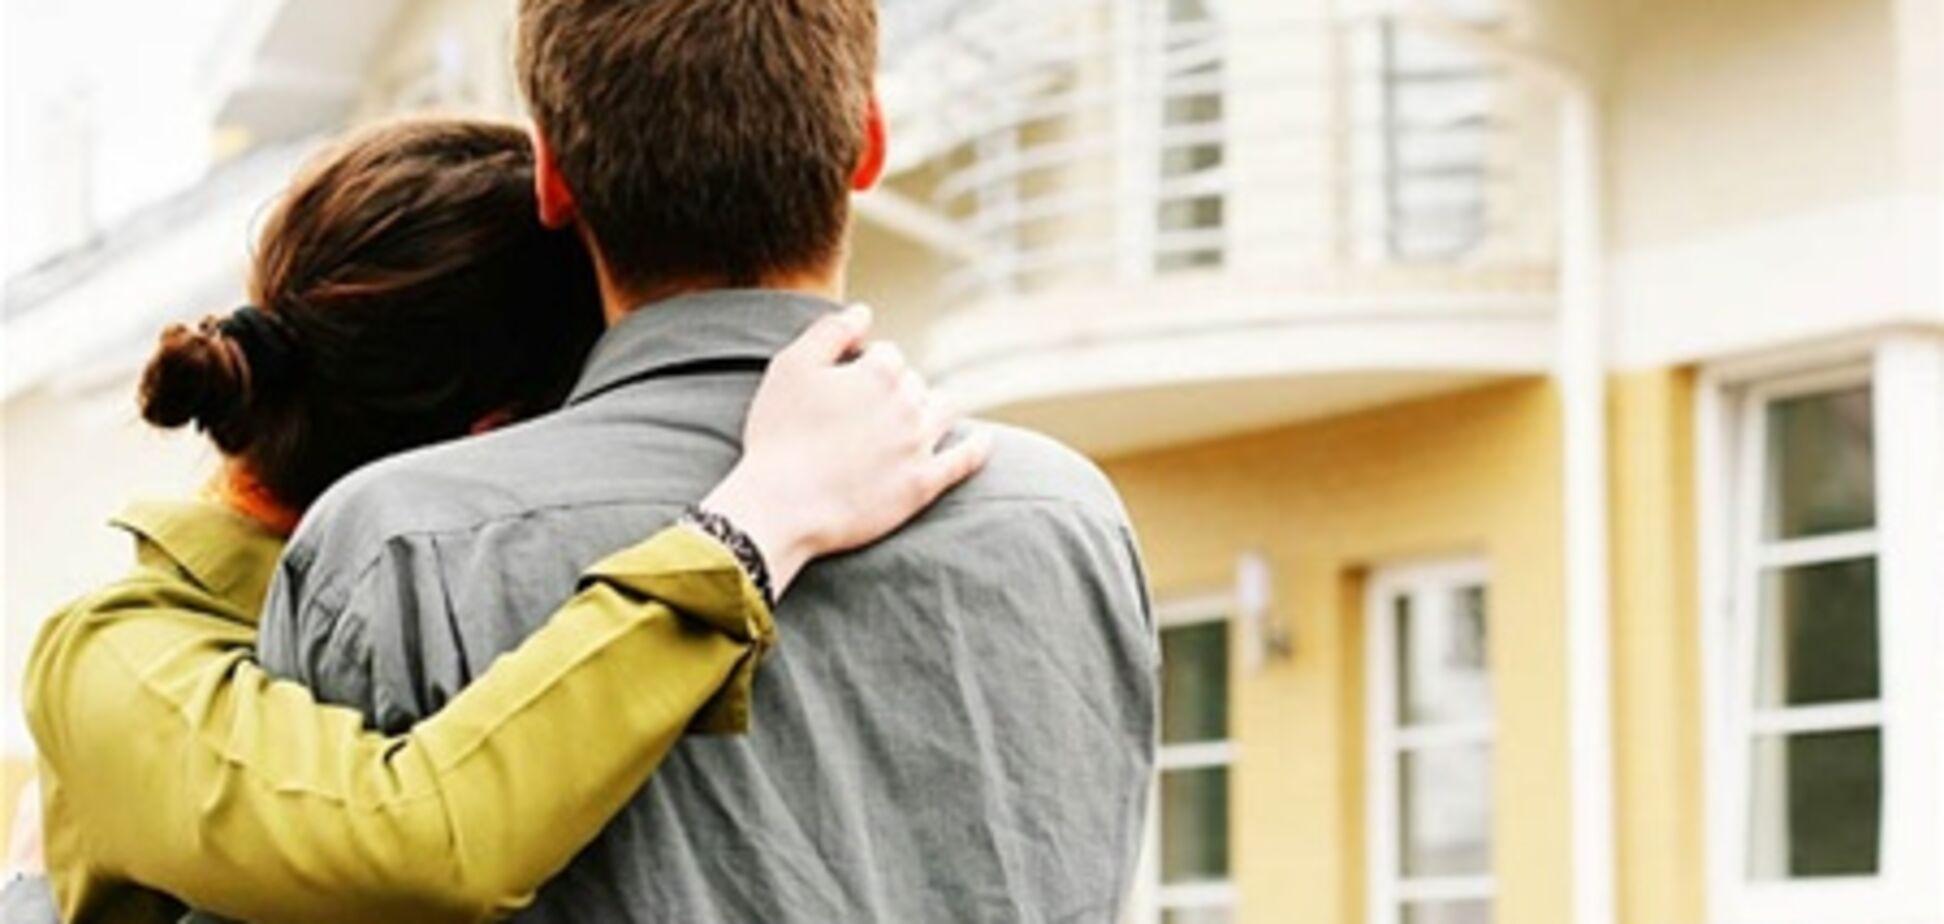 Киевляне получат дополнительные льготы за доступное жилье